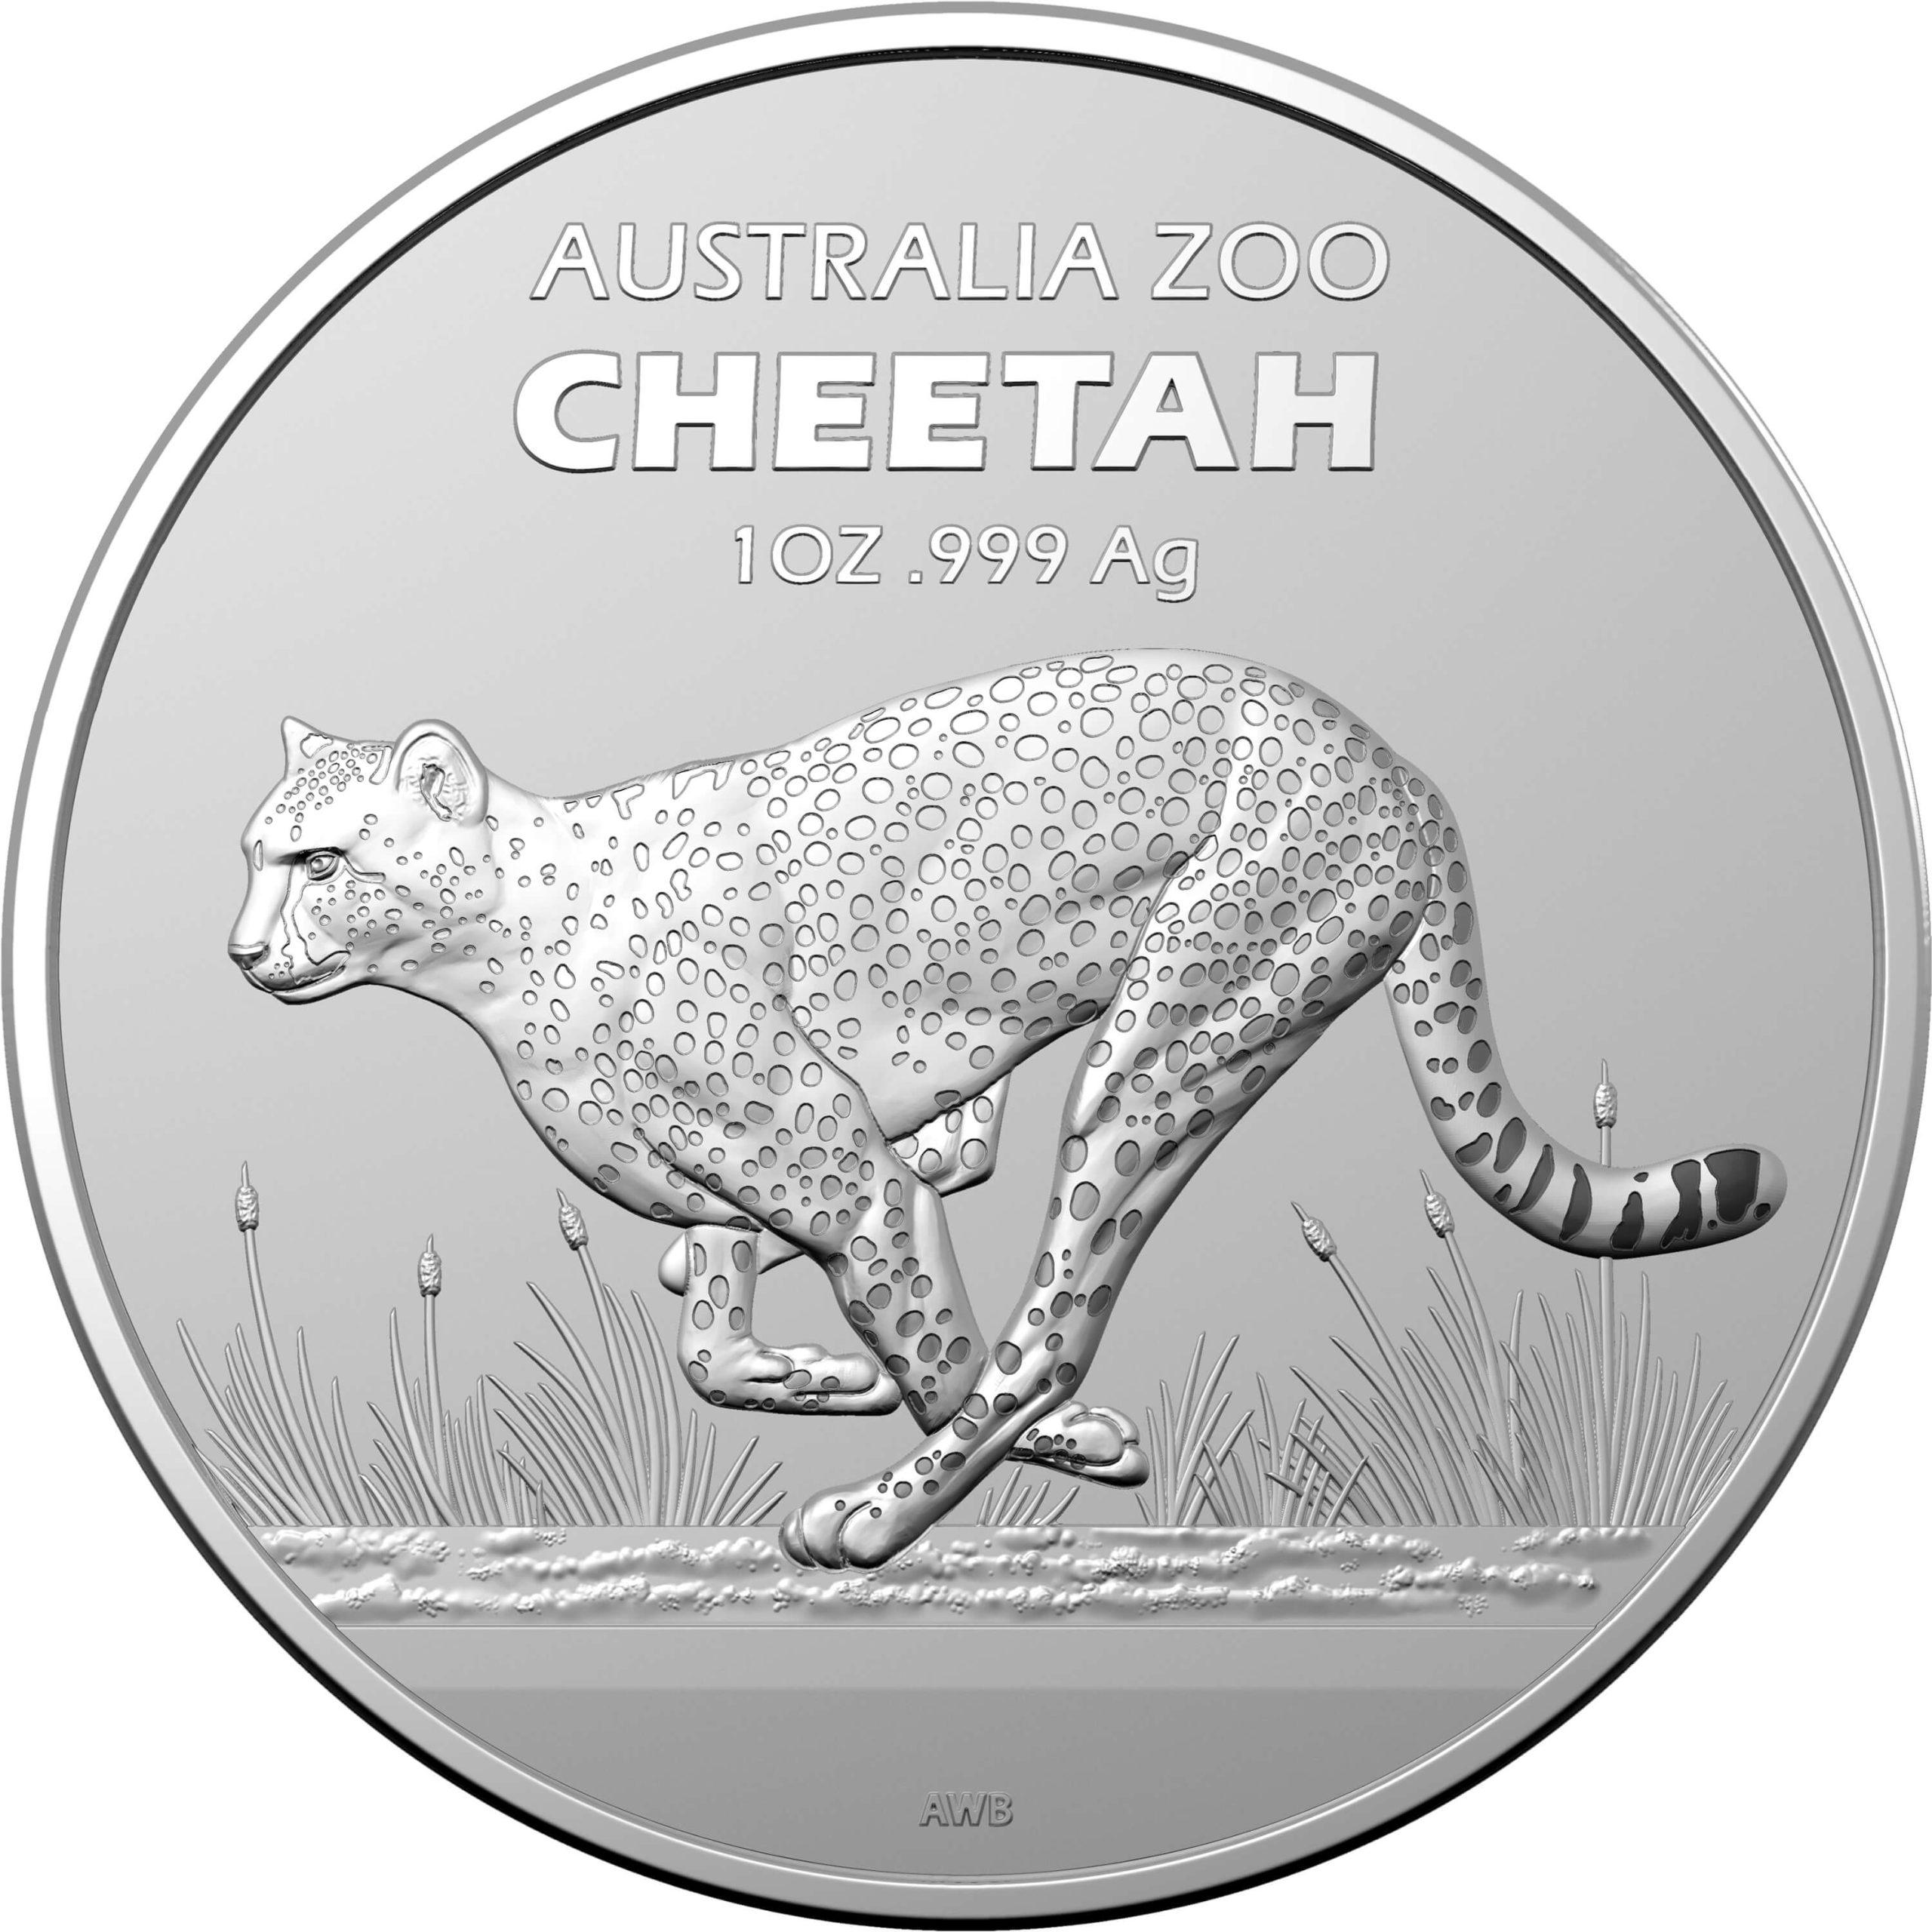 2021 $1 Australia Zoo Series - Cheetah 1oz .999 Silver Bullion Coin 1